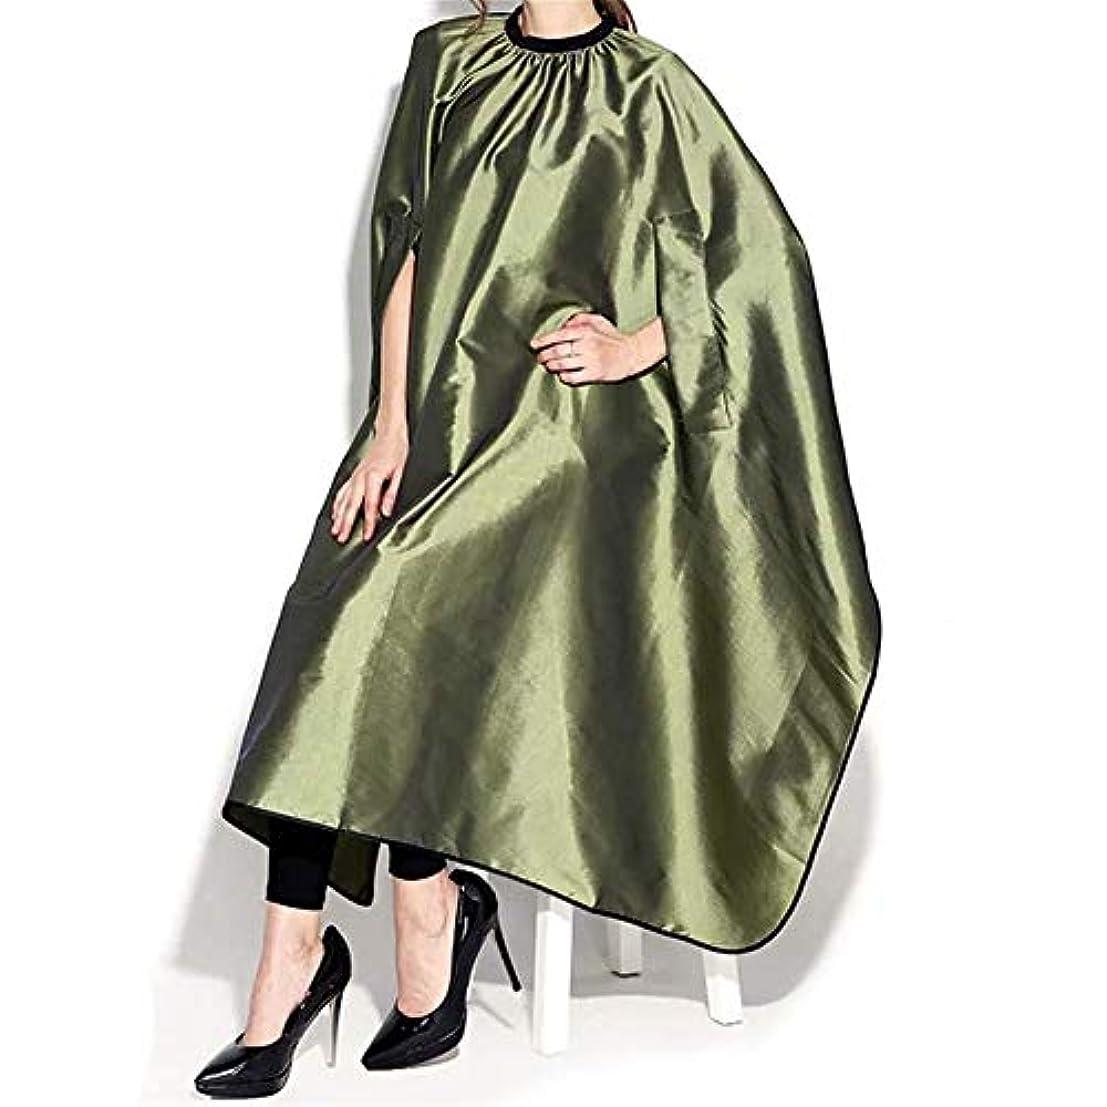 習熟度火山学者準備したHIZLJJ 理髪理髪ガウン防水サロンケープ散髪エプロン髪カット染めスタイリング布 (Color : Green)